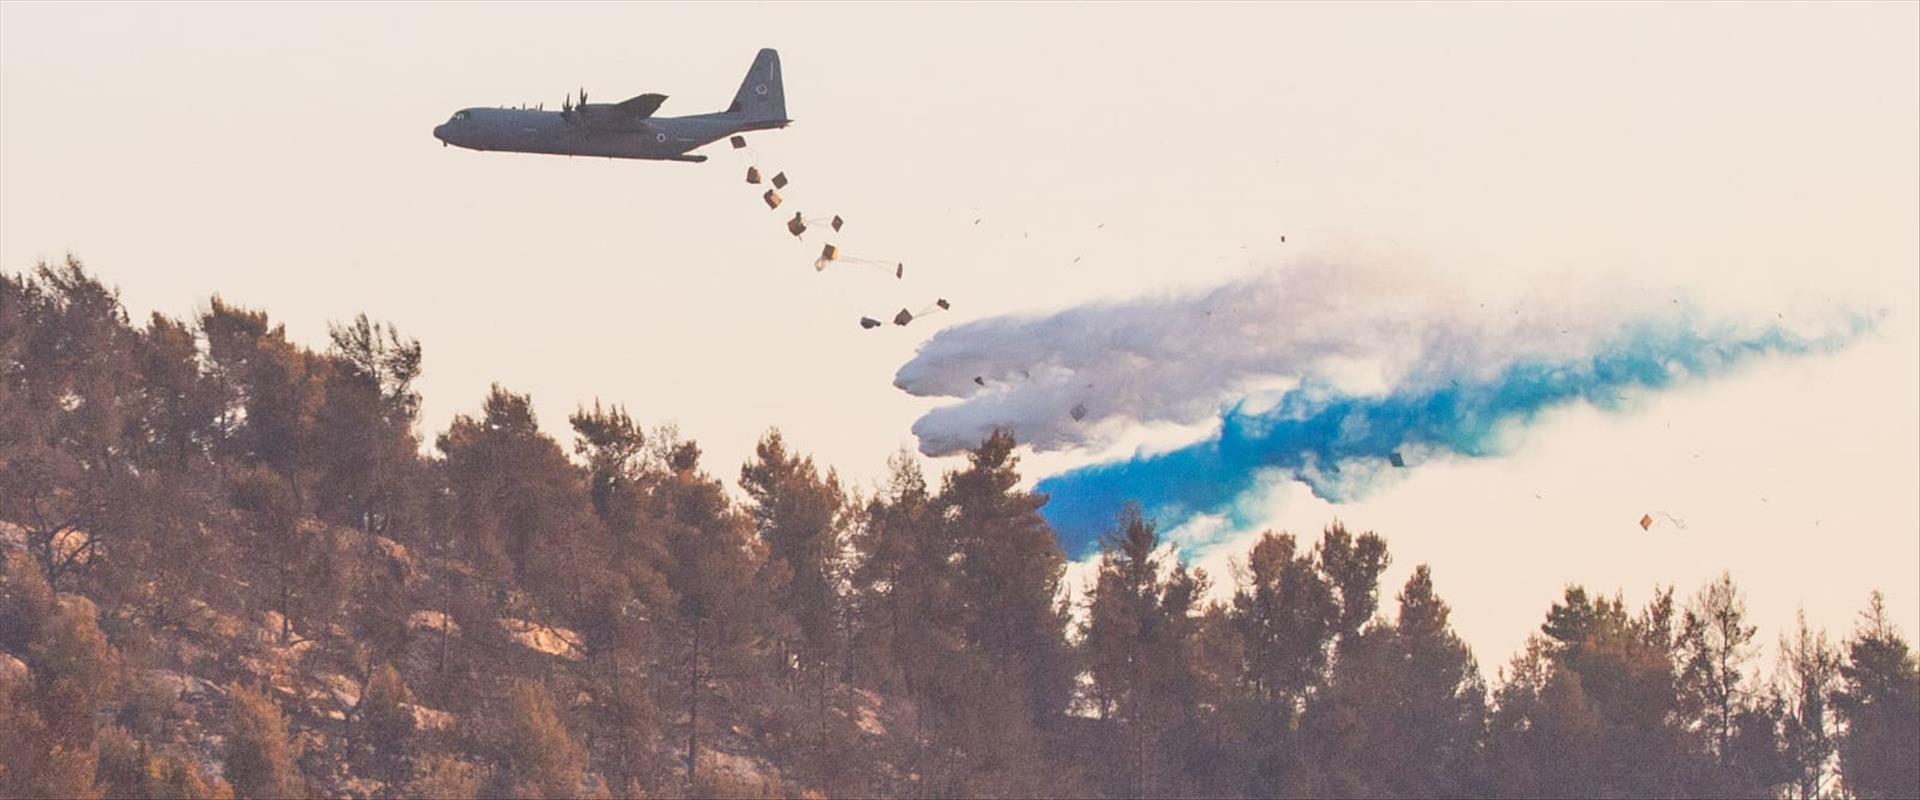 מטוס הרקולס מסייע בכיבוי השריפות